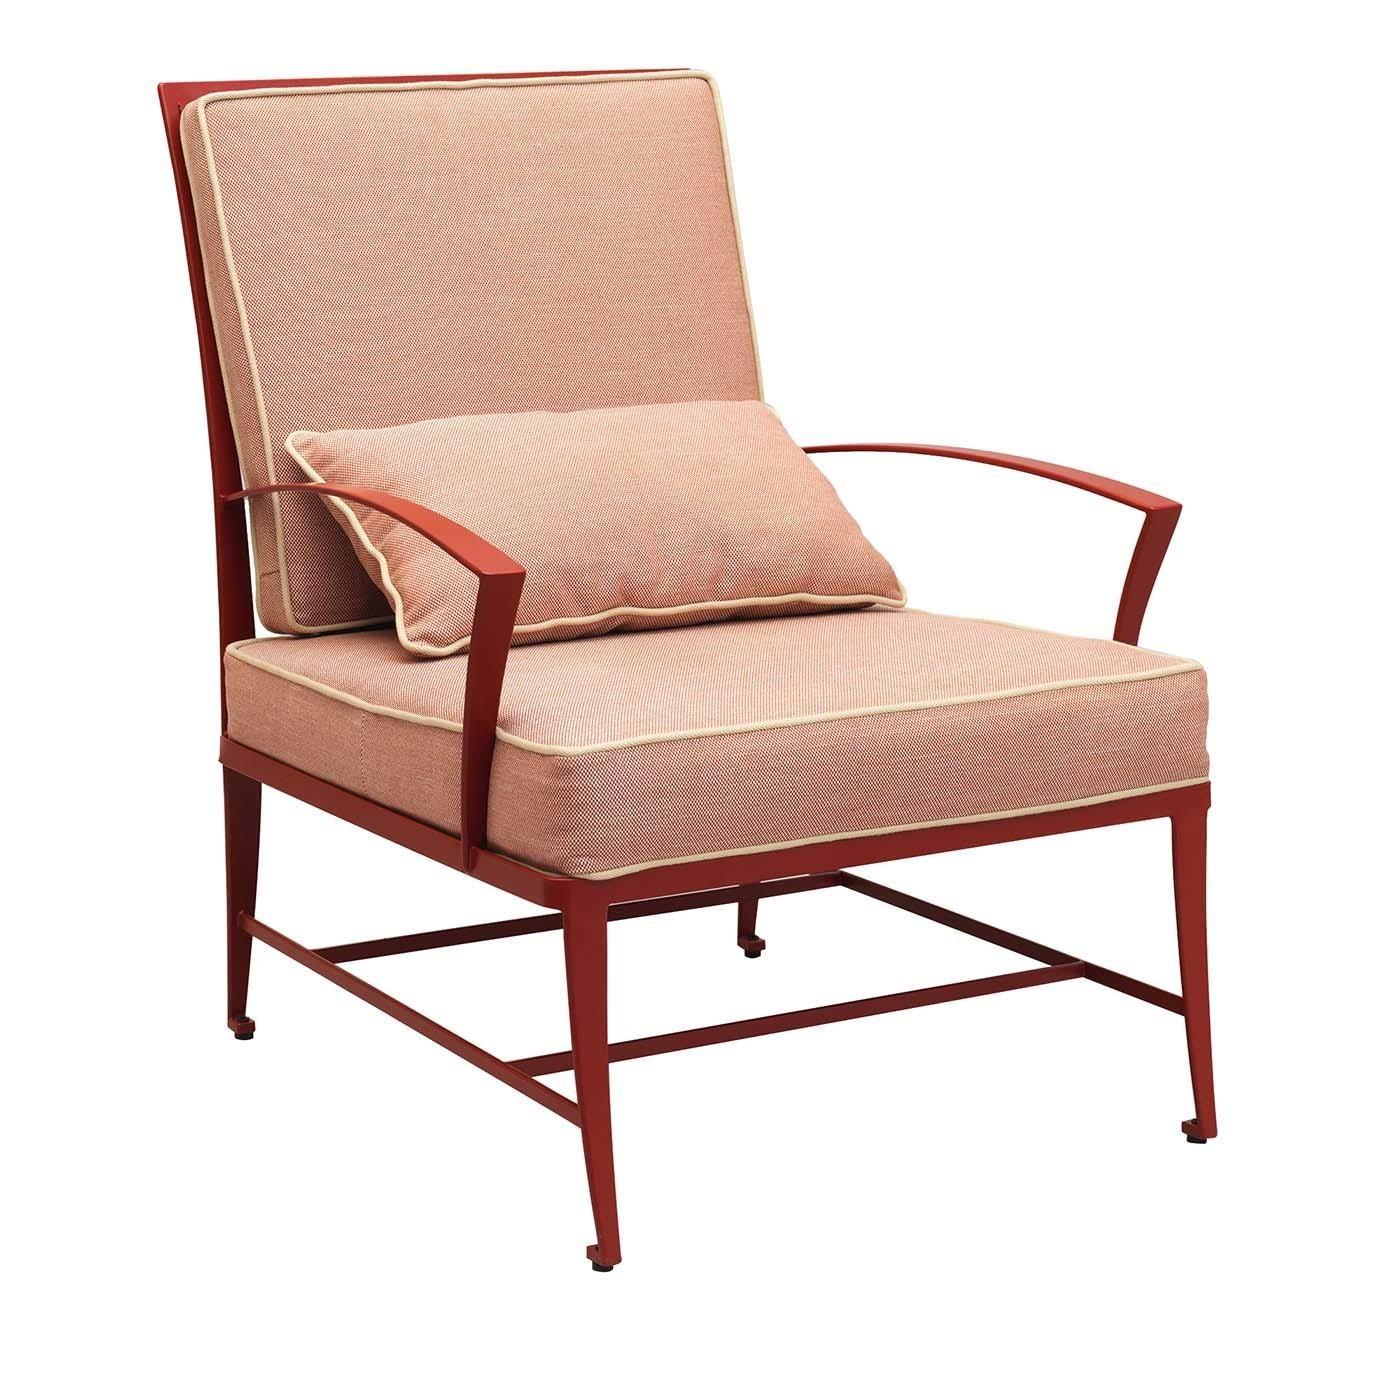 Zig Zag Outdoor Armchair by Studio63